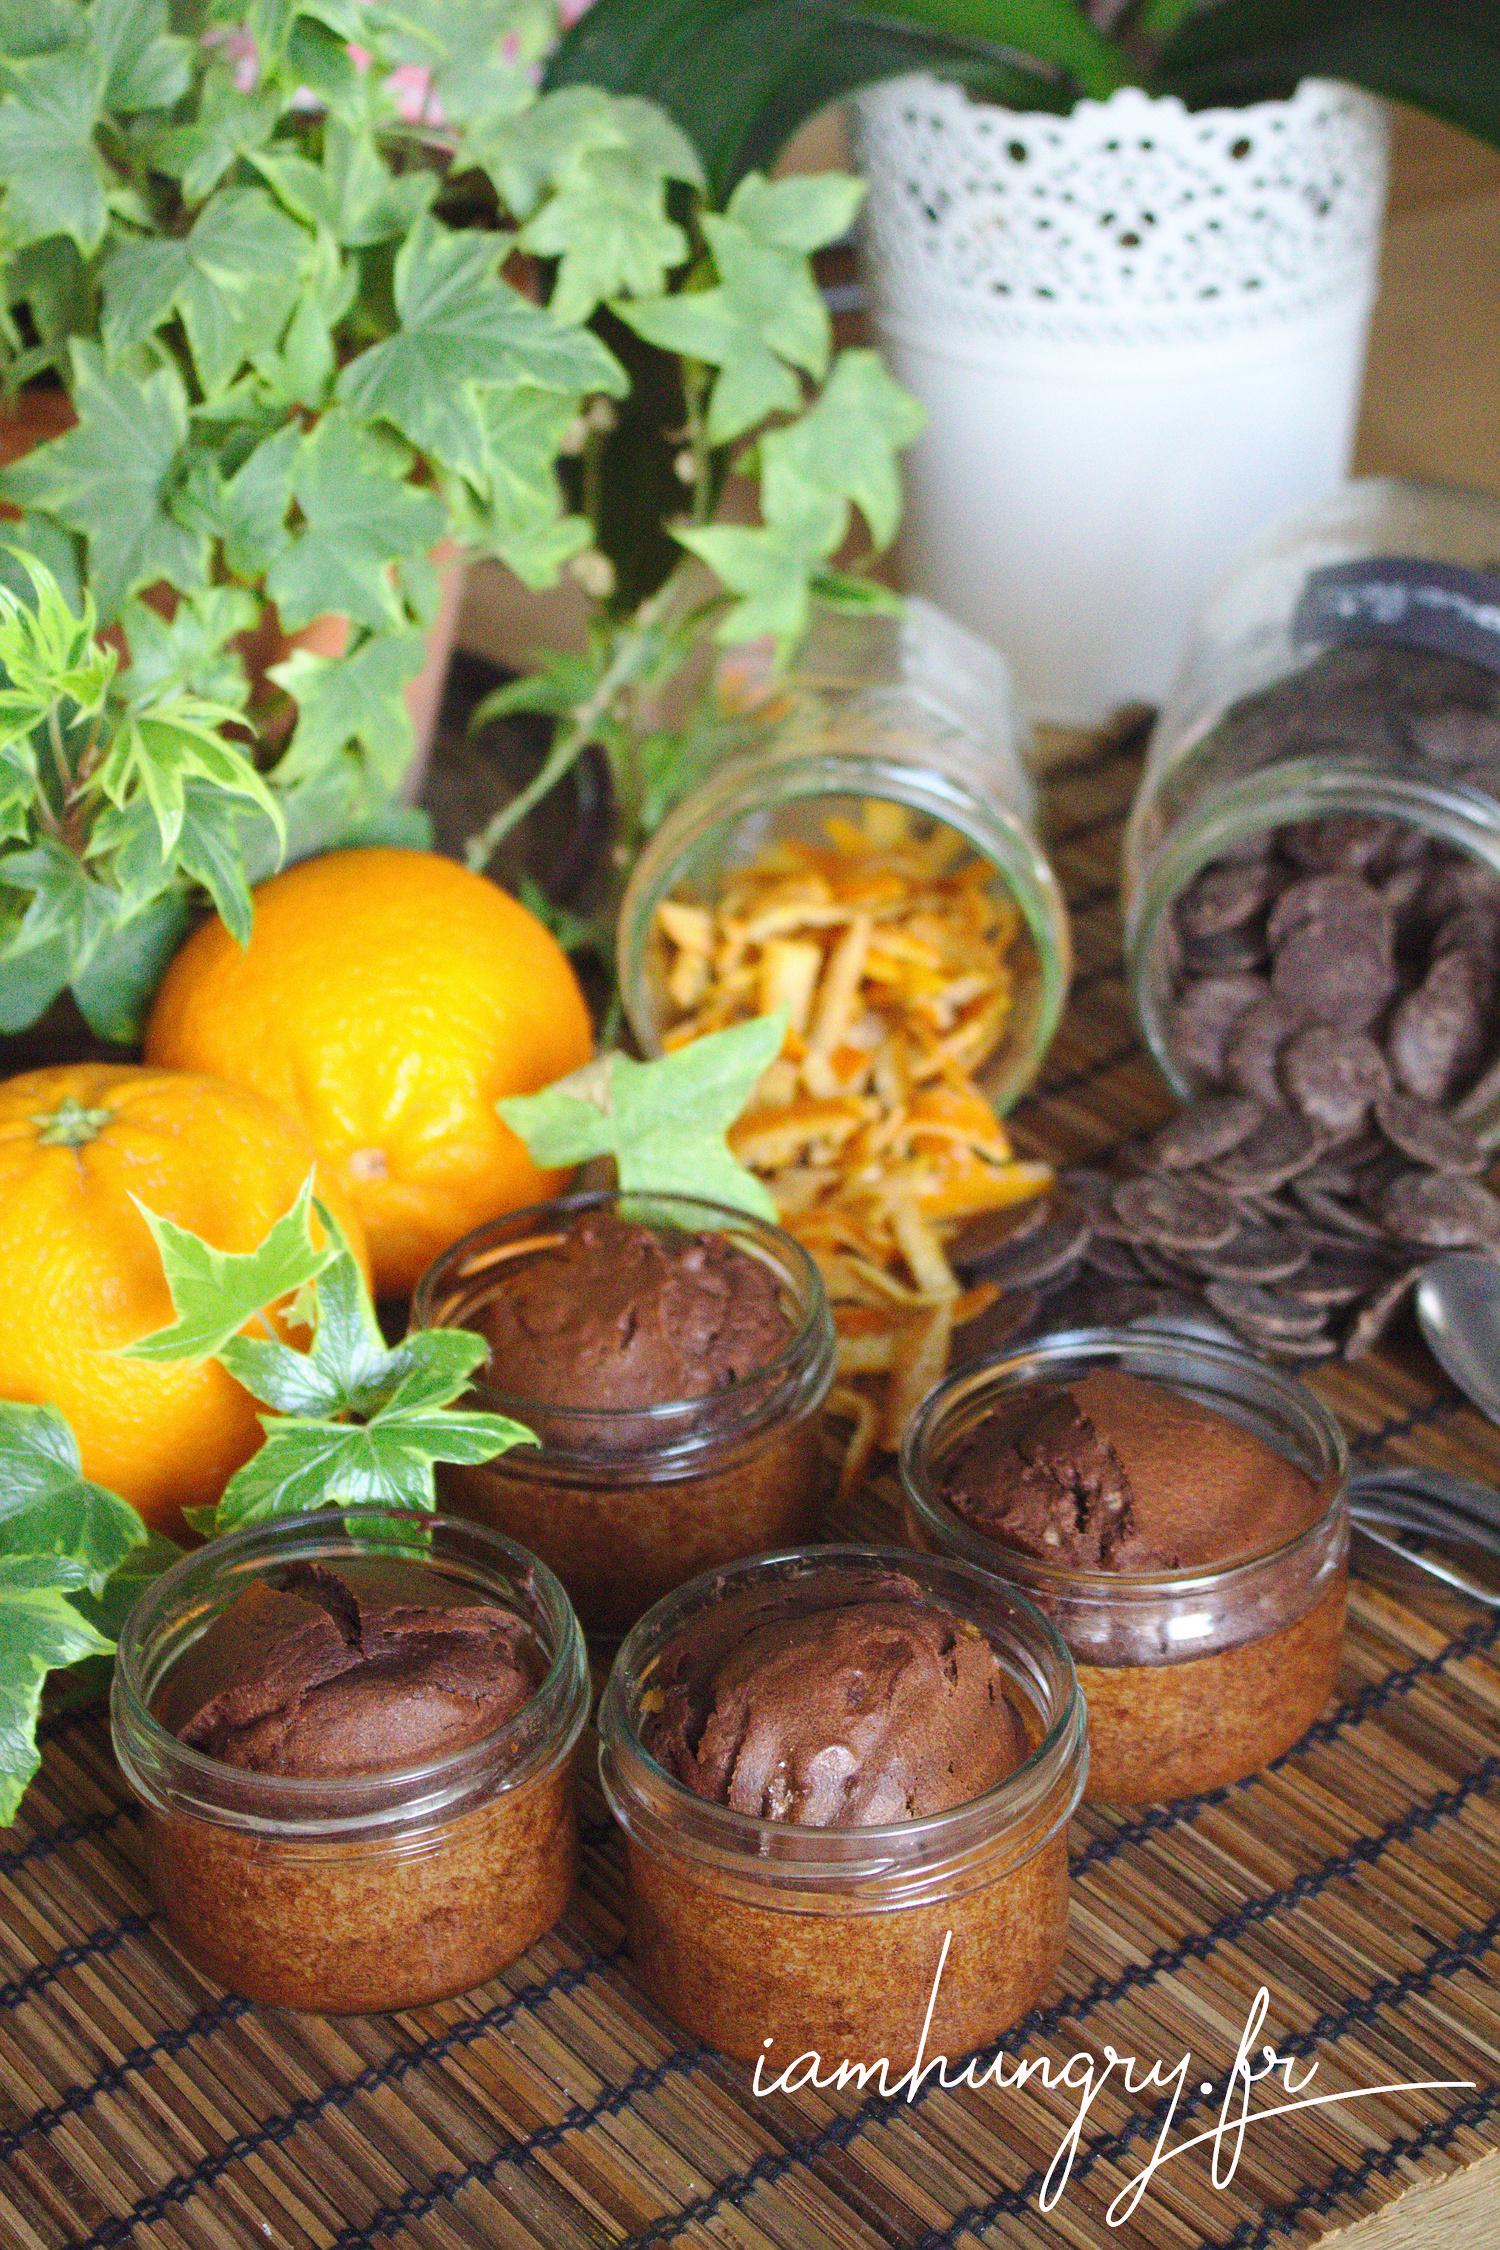 Petits moelleux au chocolat et écorces d'oranges